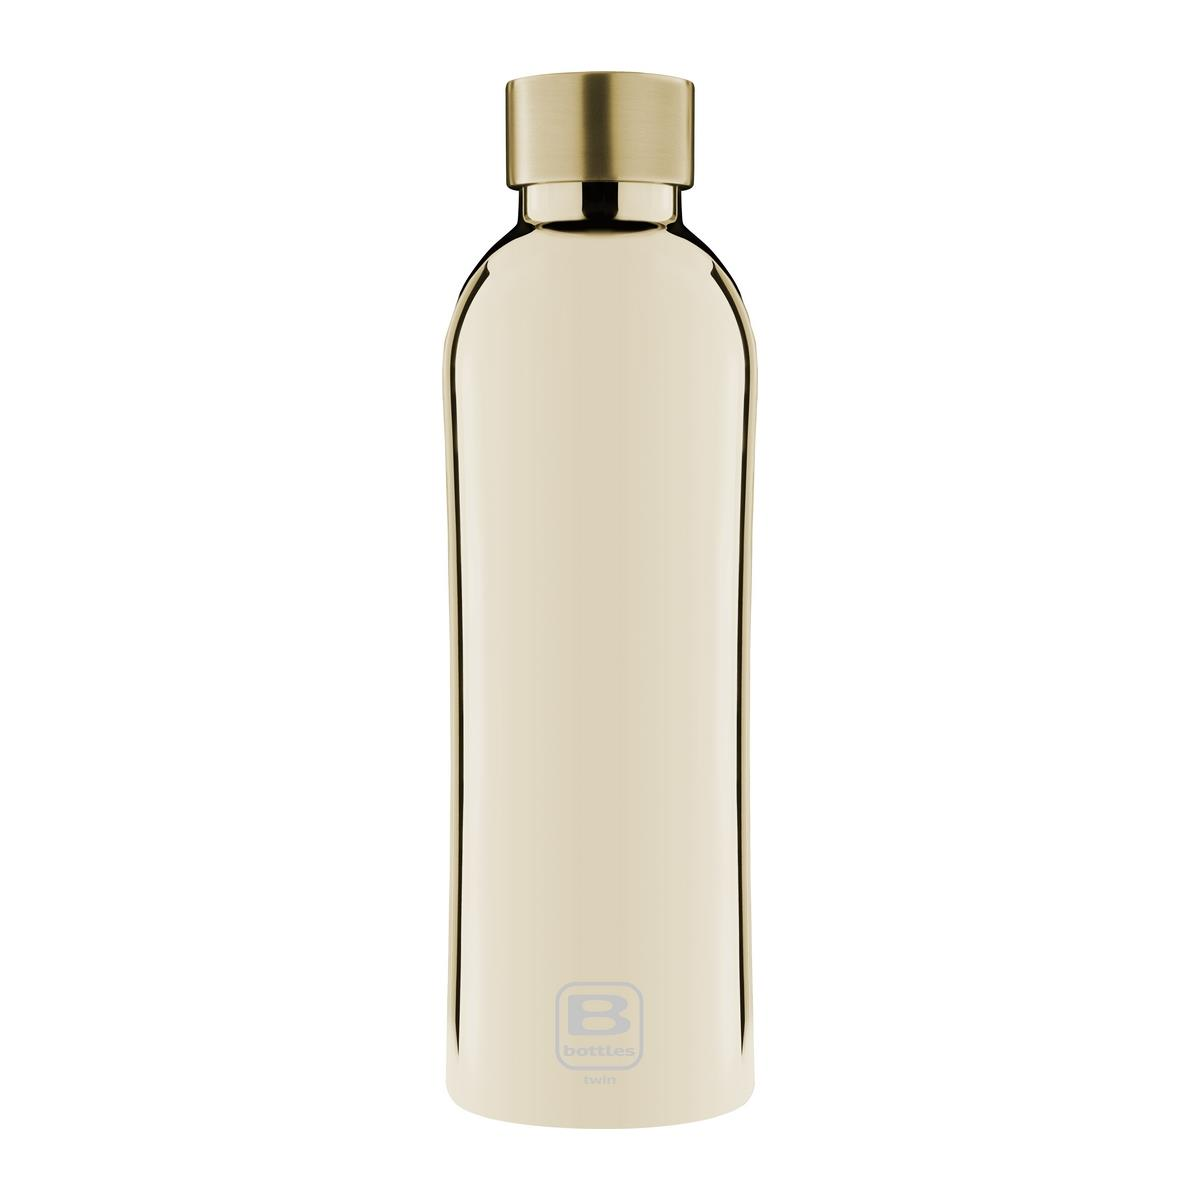 B Bottles Twin - Yellow Gold Lux - 800 ml - Bottiglia Termica a doppia parete in acciaio inox 18/10